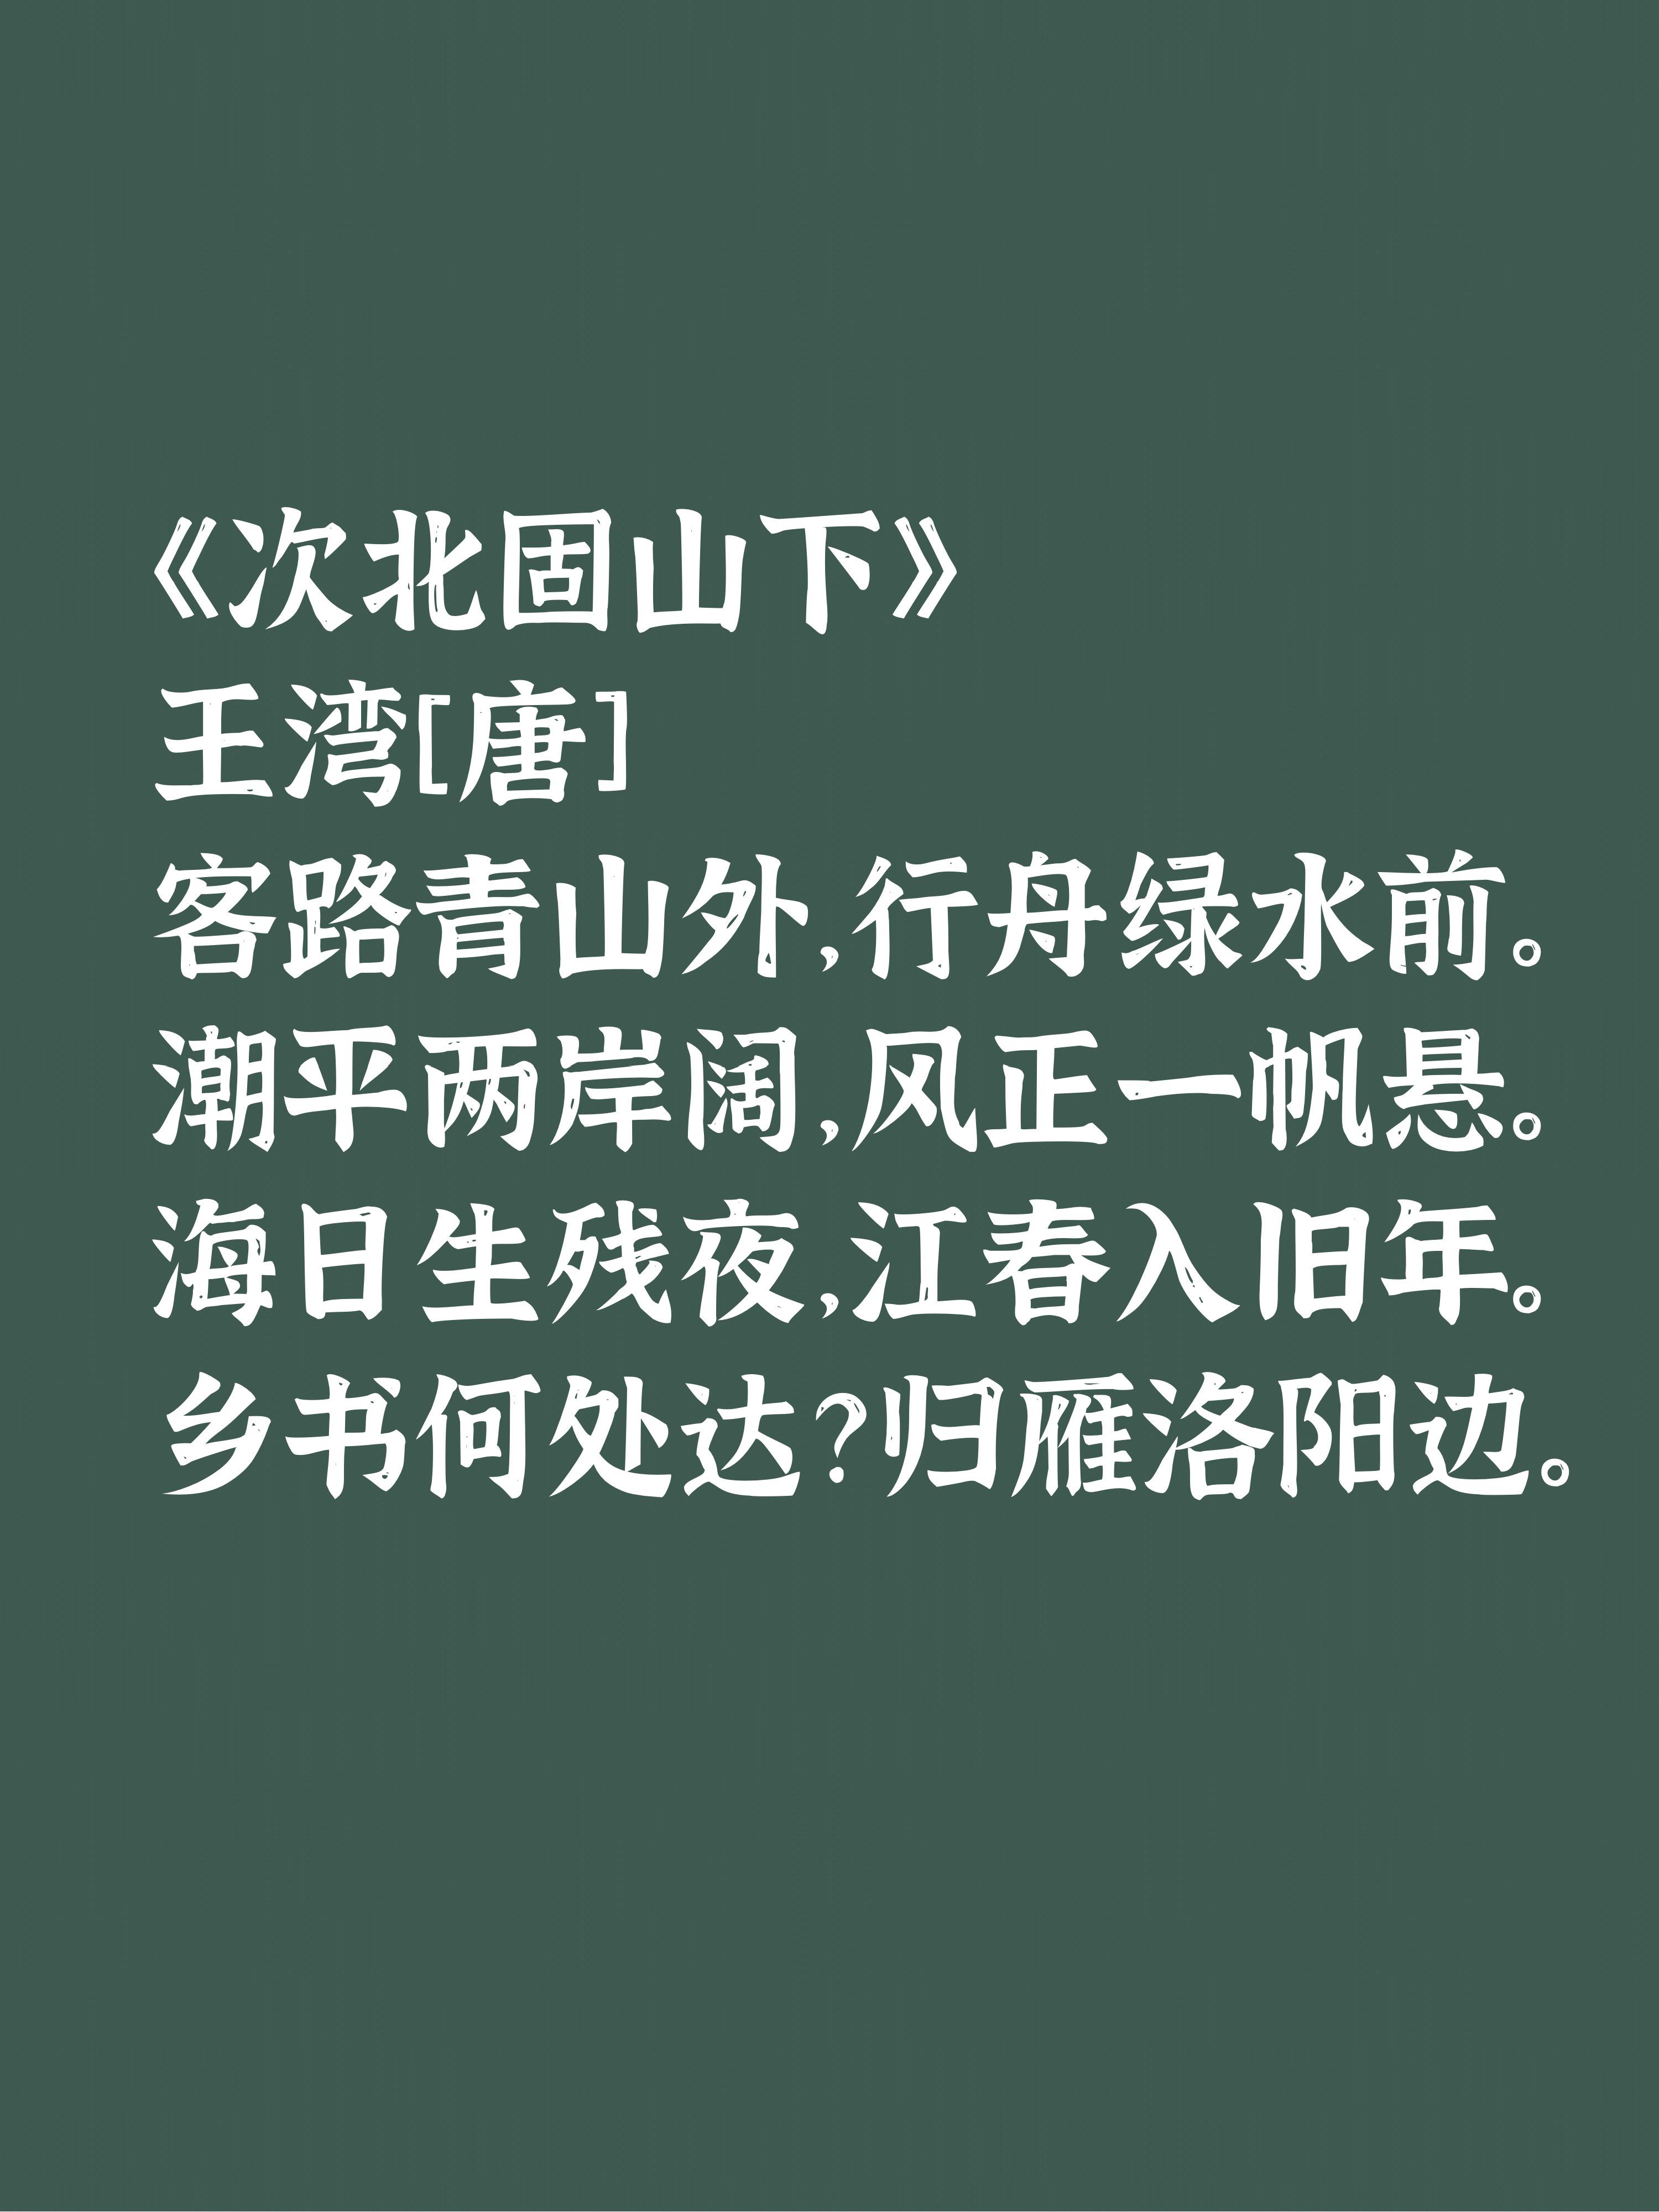 王湾是哪个朝代的人-王湾简介及作品